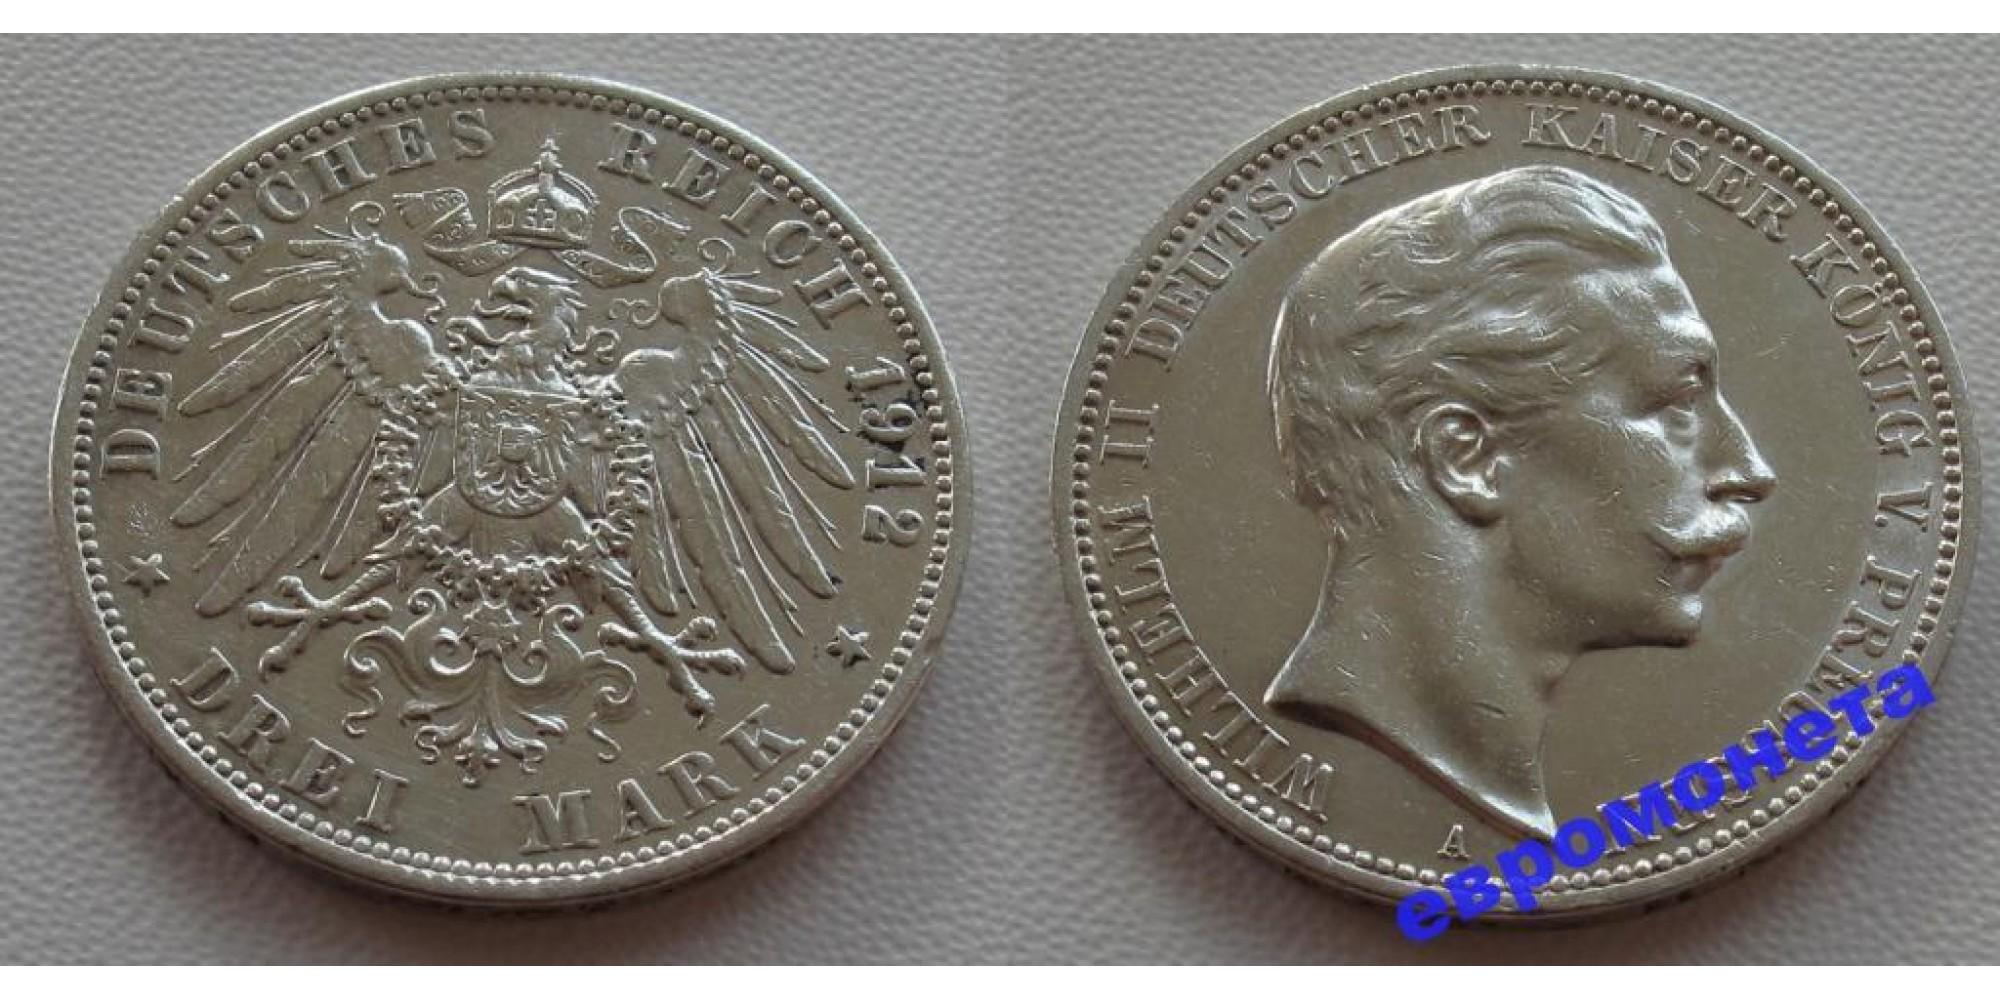 Германия Пруссия 3 марки 1912 год A монета на фотографии серебро